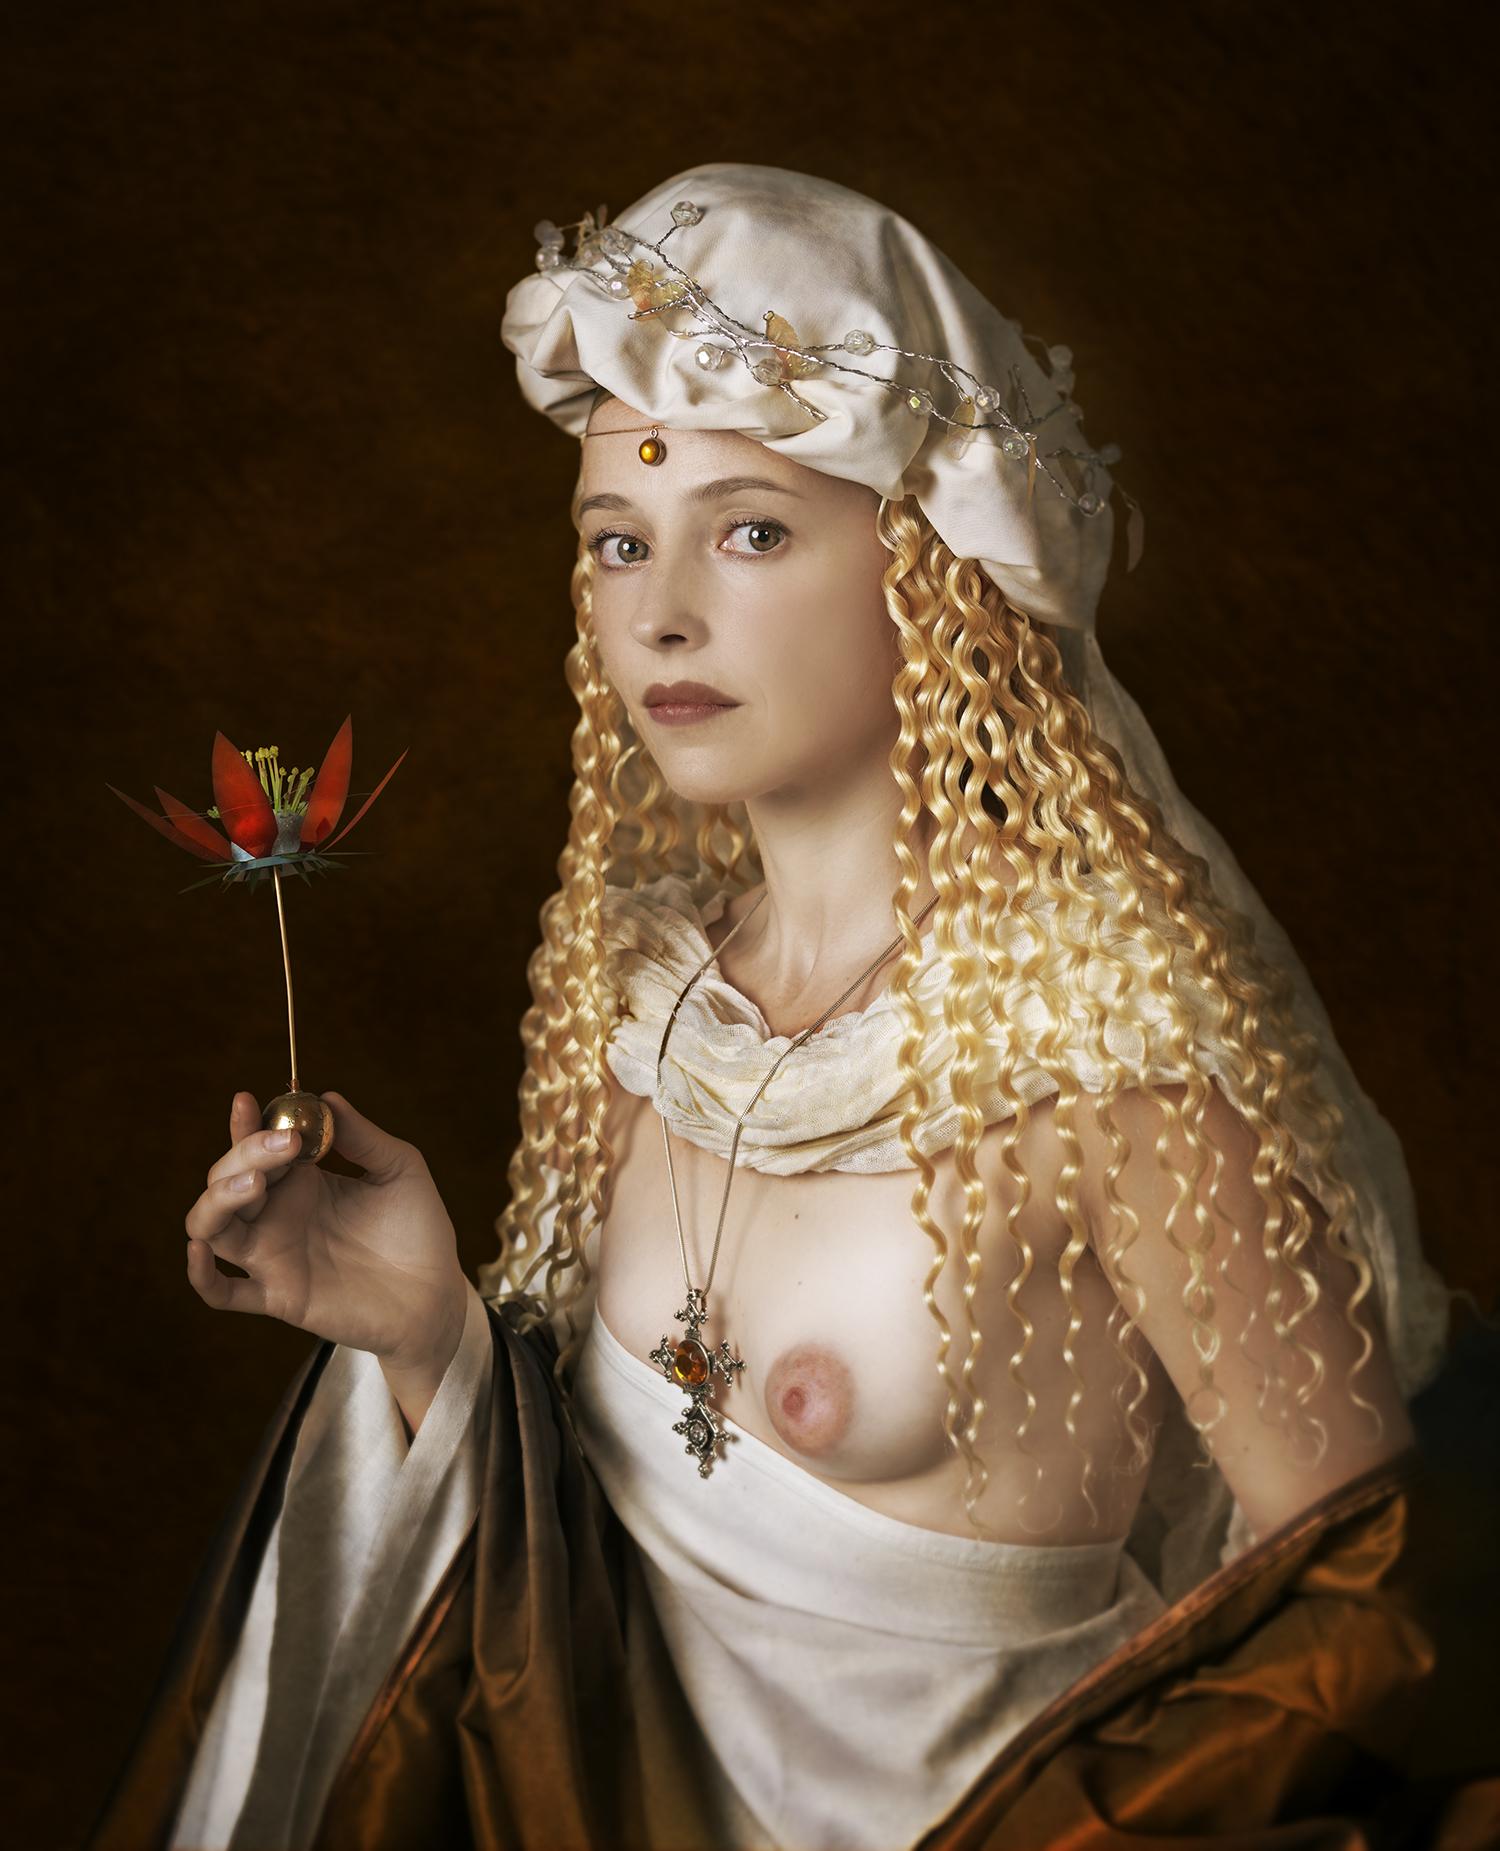 Эротика средневековье фото, пизда бритая и член